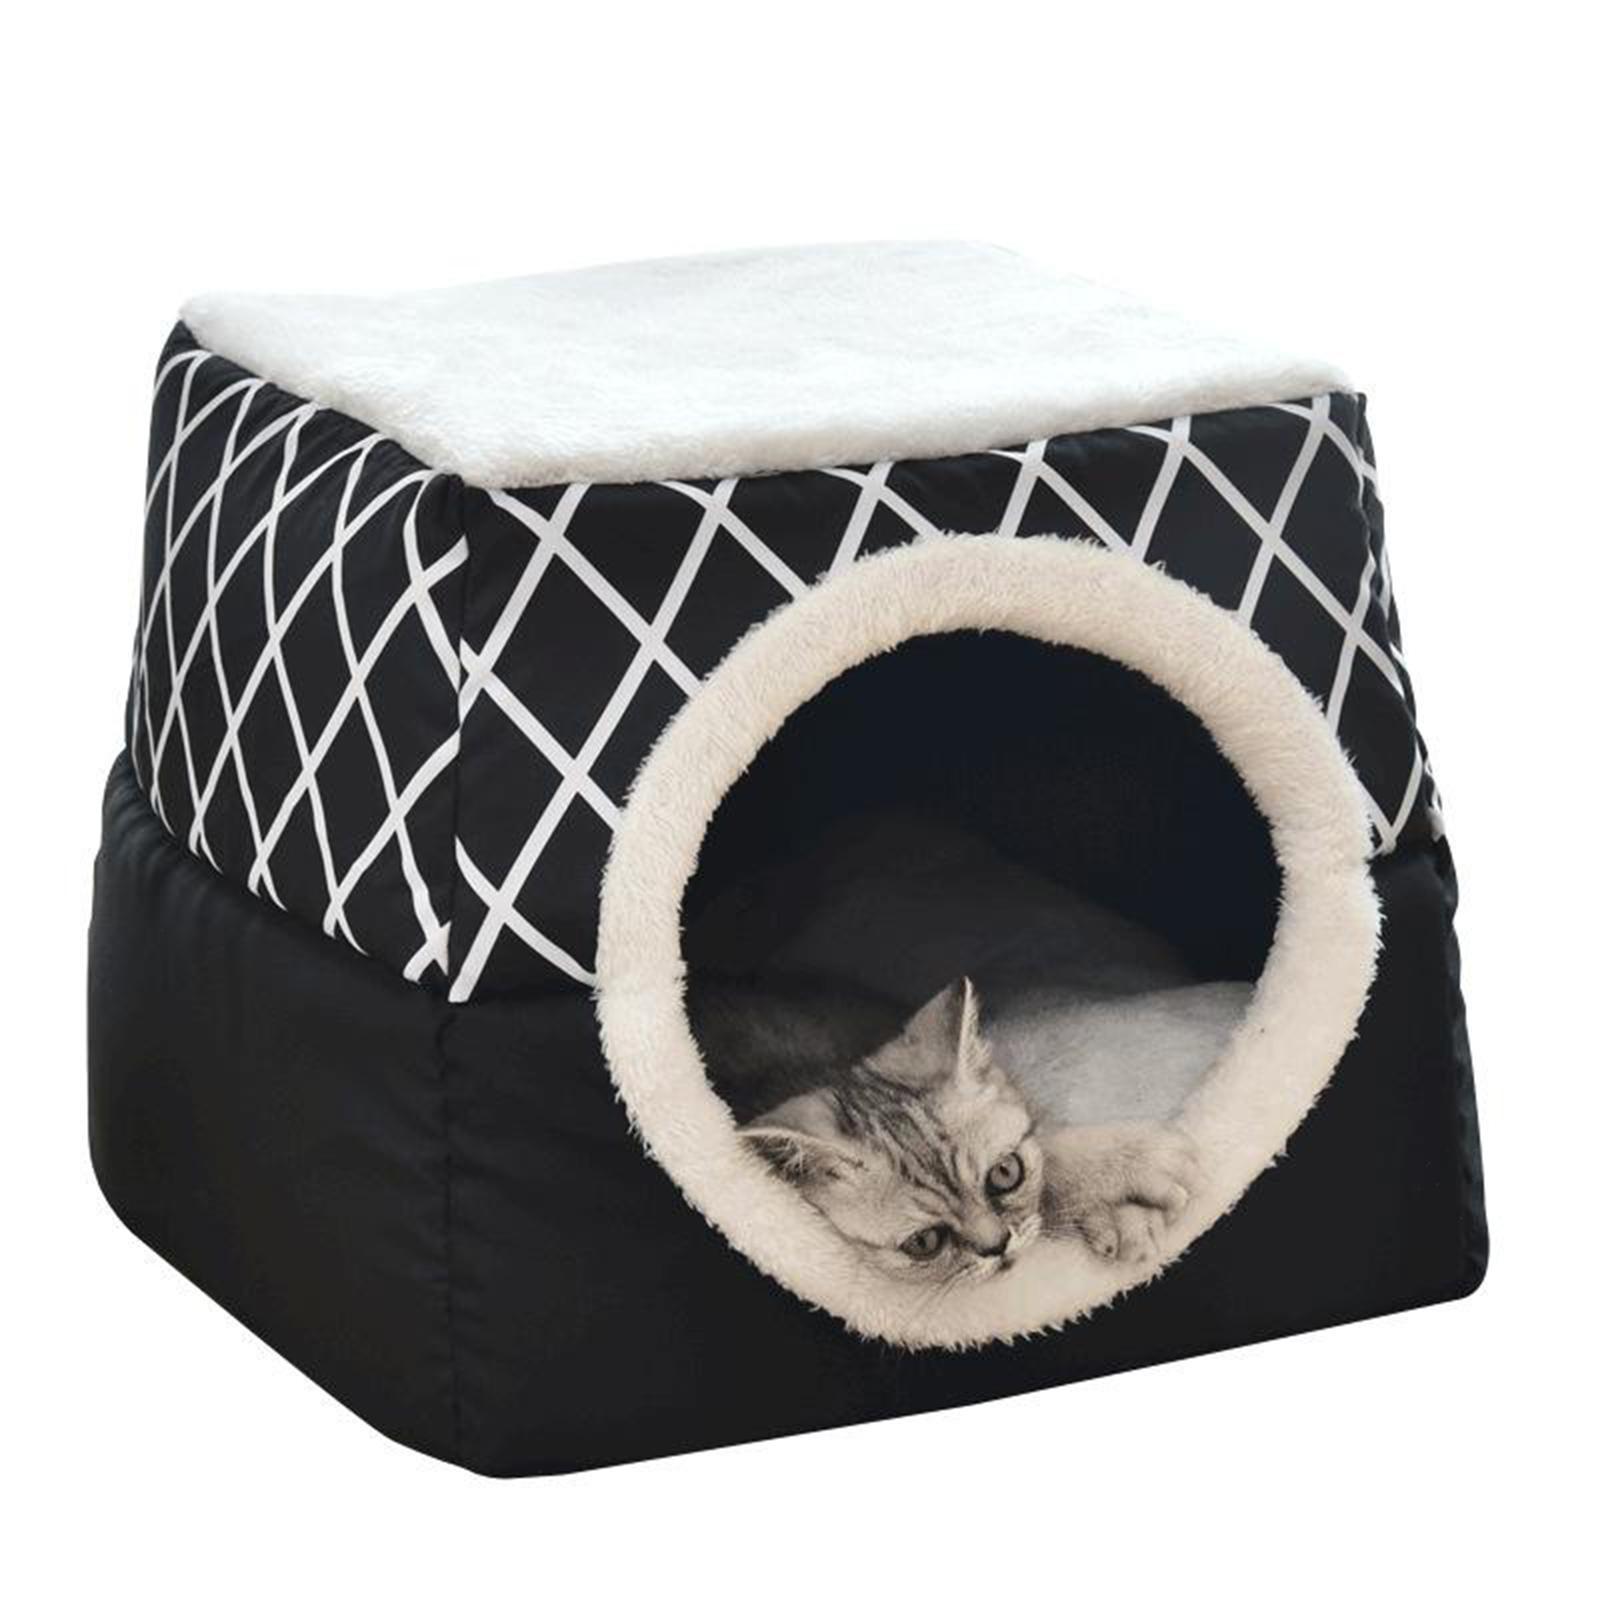 Indexbild 35 - 2-in-1-Weichen-Katzen-Haus-Schlafen-Bett-Zwinger-Puppy-Cave-Warme-Nest-Matte